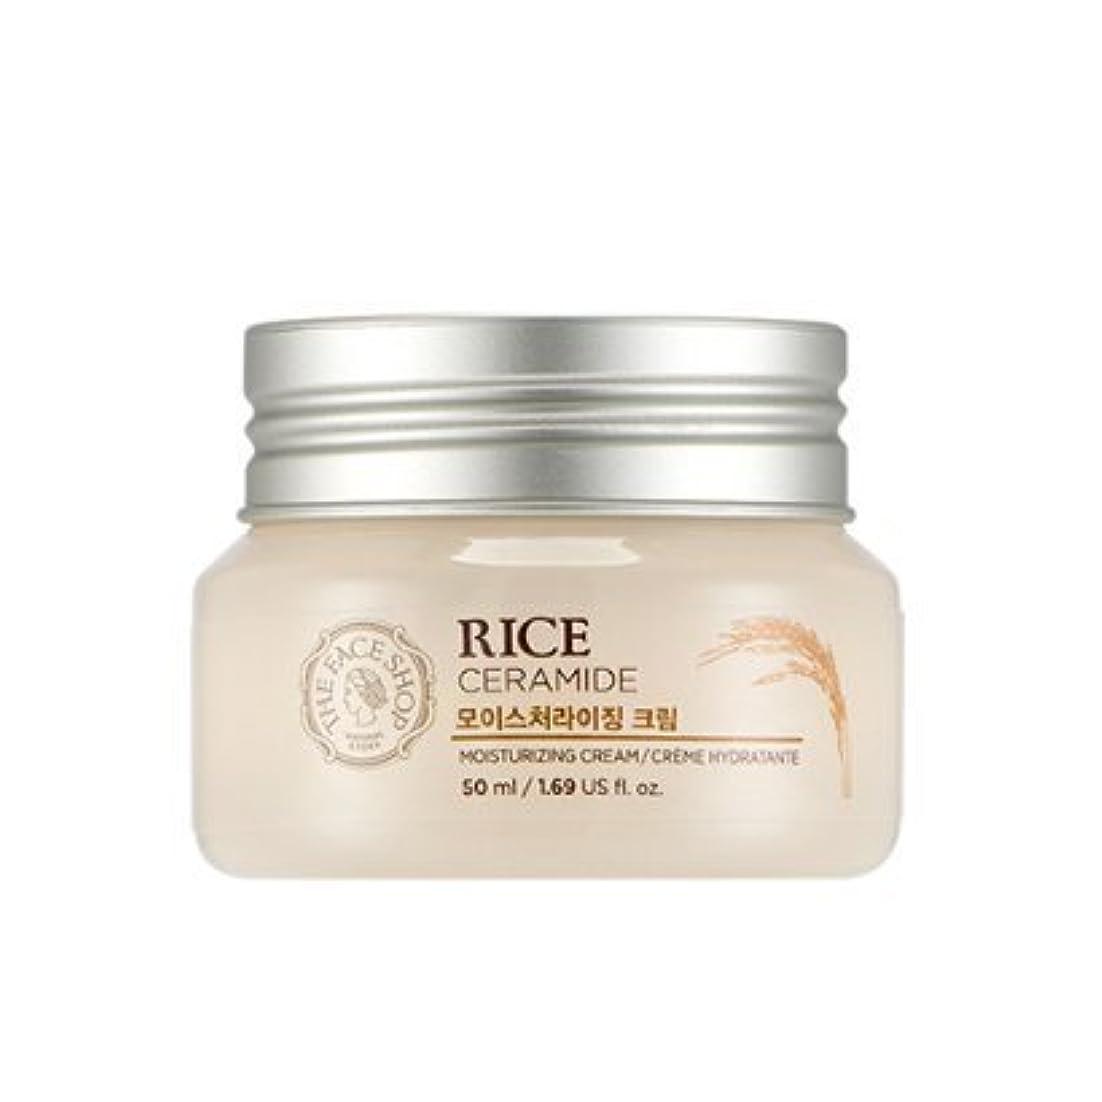 役立つ強度アイスクリームTHE FACE SHOP Rice & Ceramide Moisturizing Cream ザフェイスショップ ライス&セラミドモイスチャーライジングクリーム [並行輸入品]